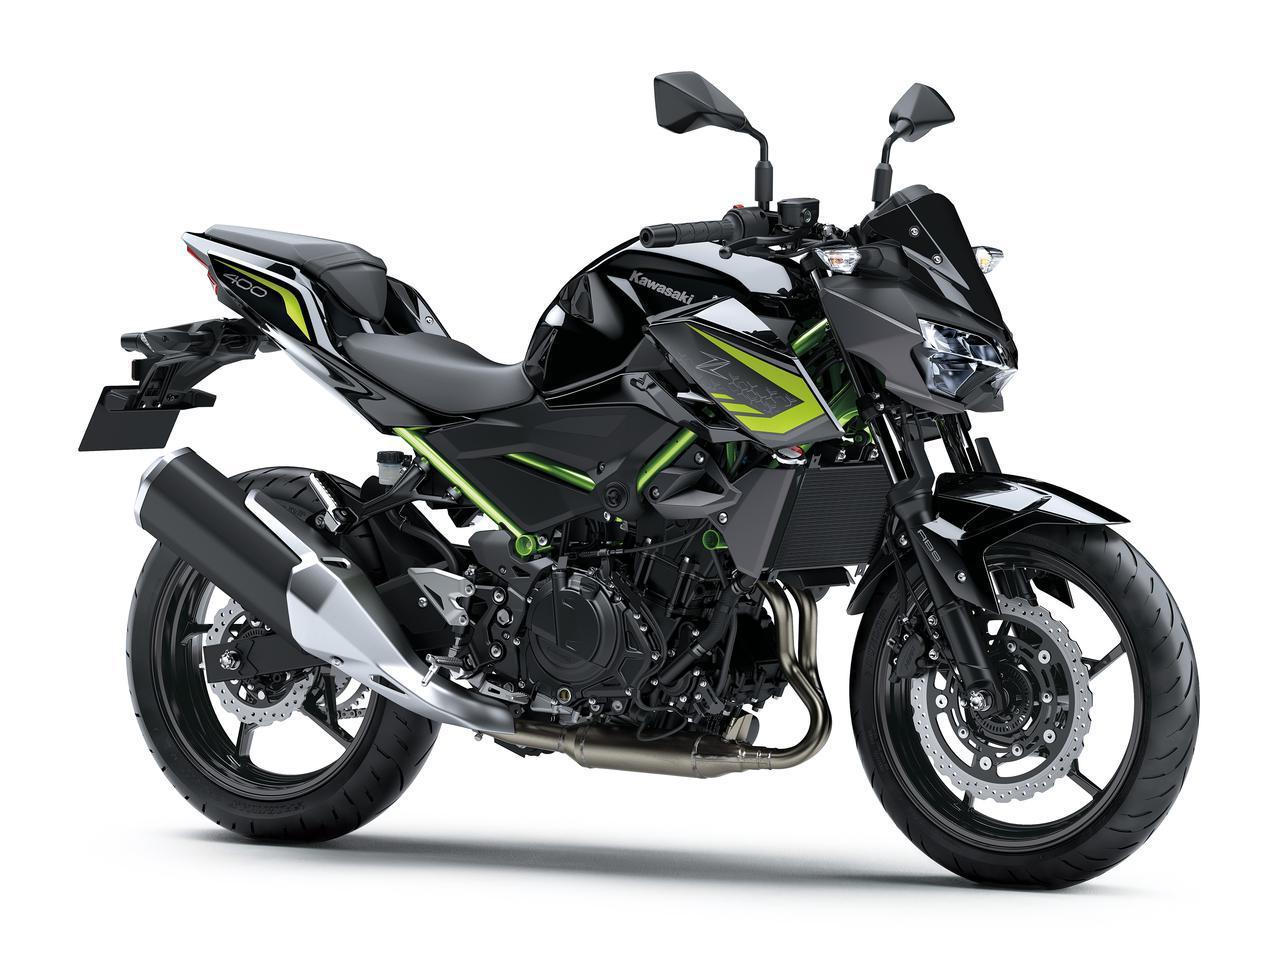 画像8: カワサキが「Z400」の2021年モデルを発売! ライムグリーンが再び登場【2021速報】